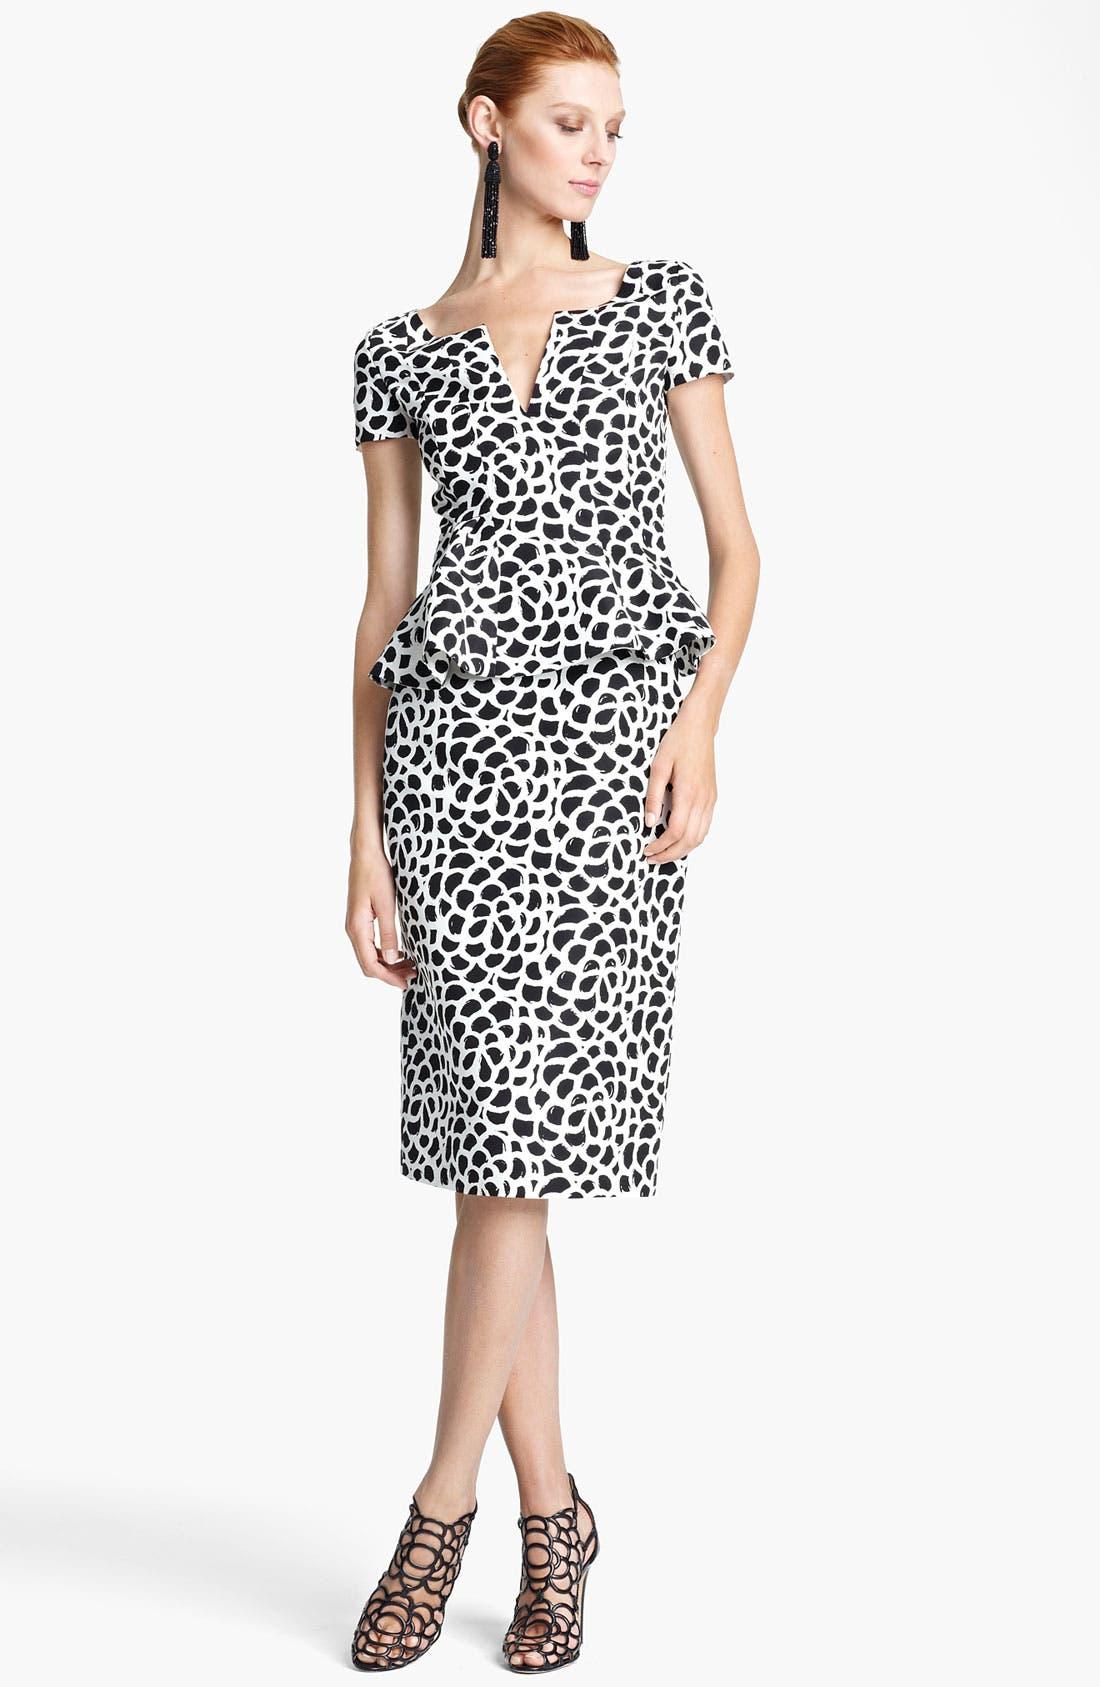 Alternate Image 1 Selected - Oscar de la Renta Print Silk Faille Dress